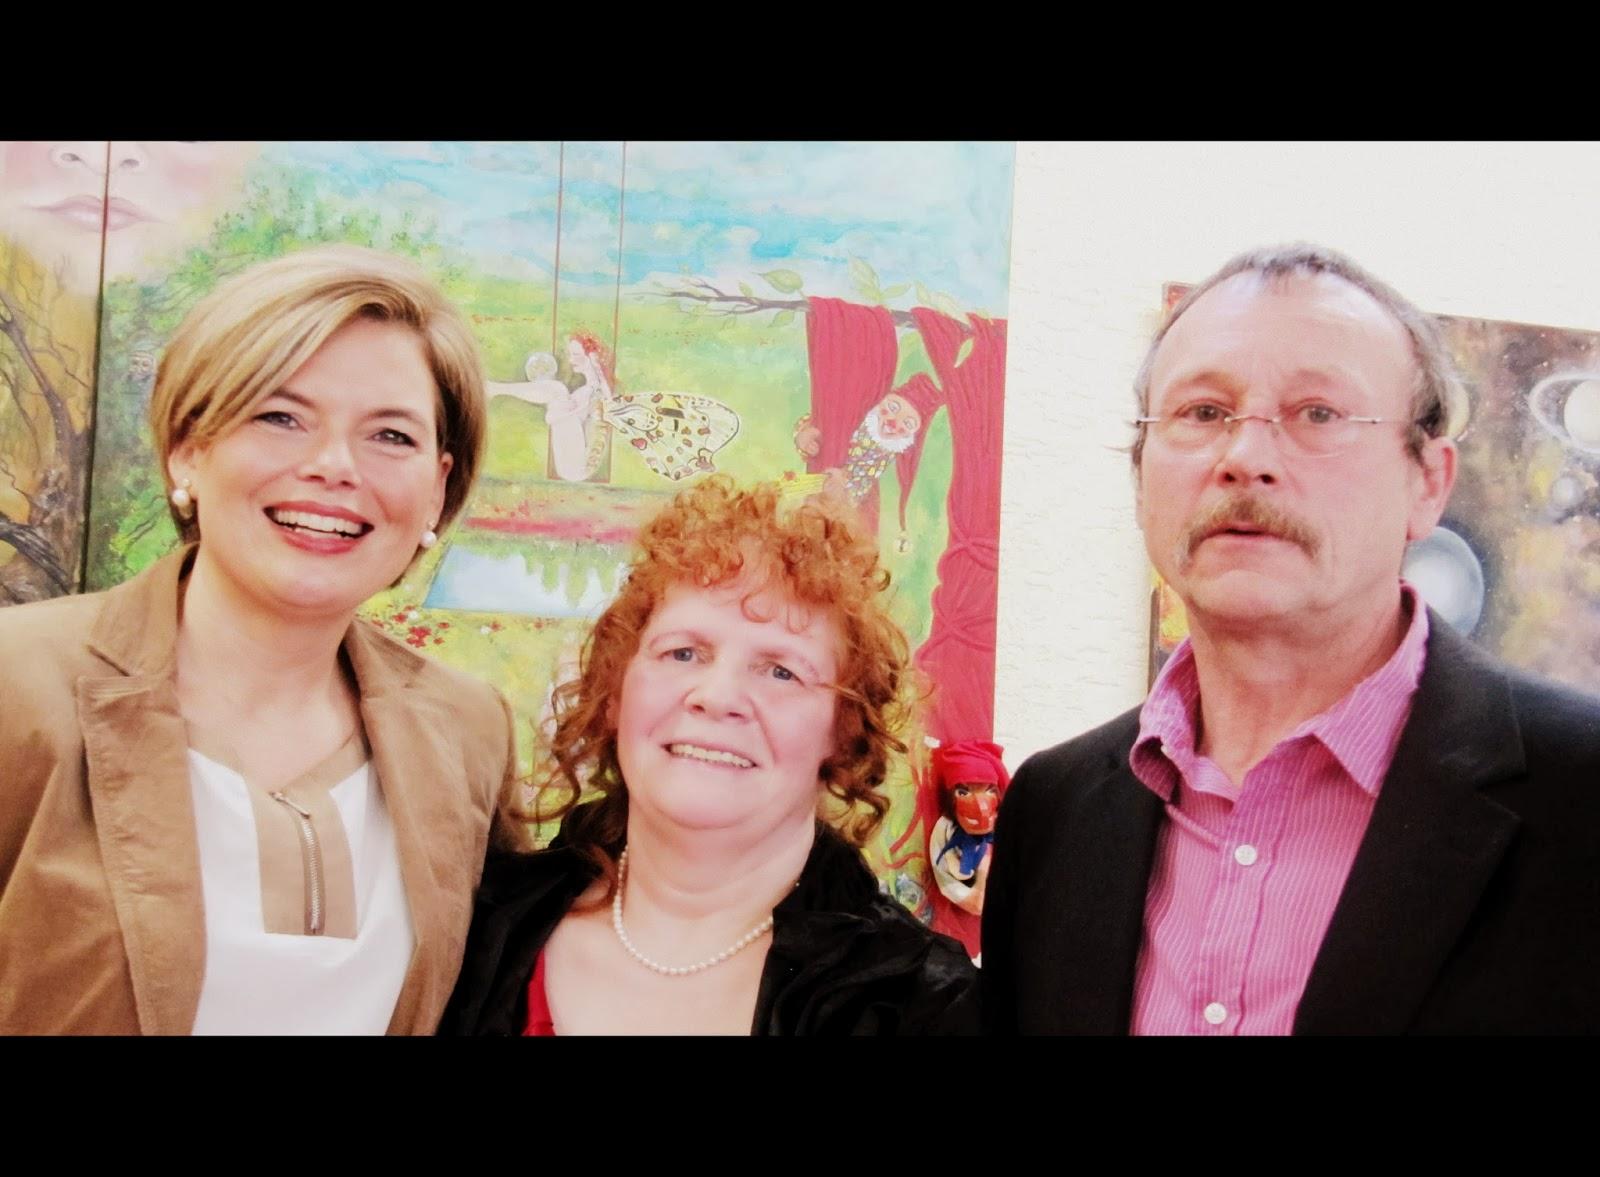 Vieregg text redaktion lektorat sv verlag: harma feierte ihren 60